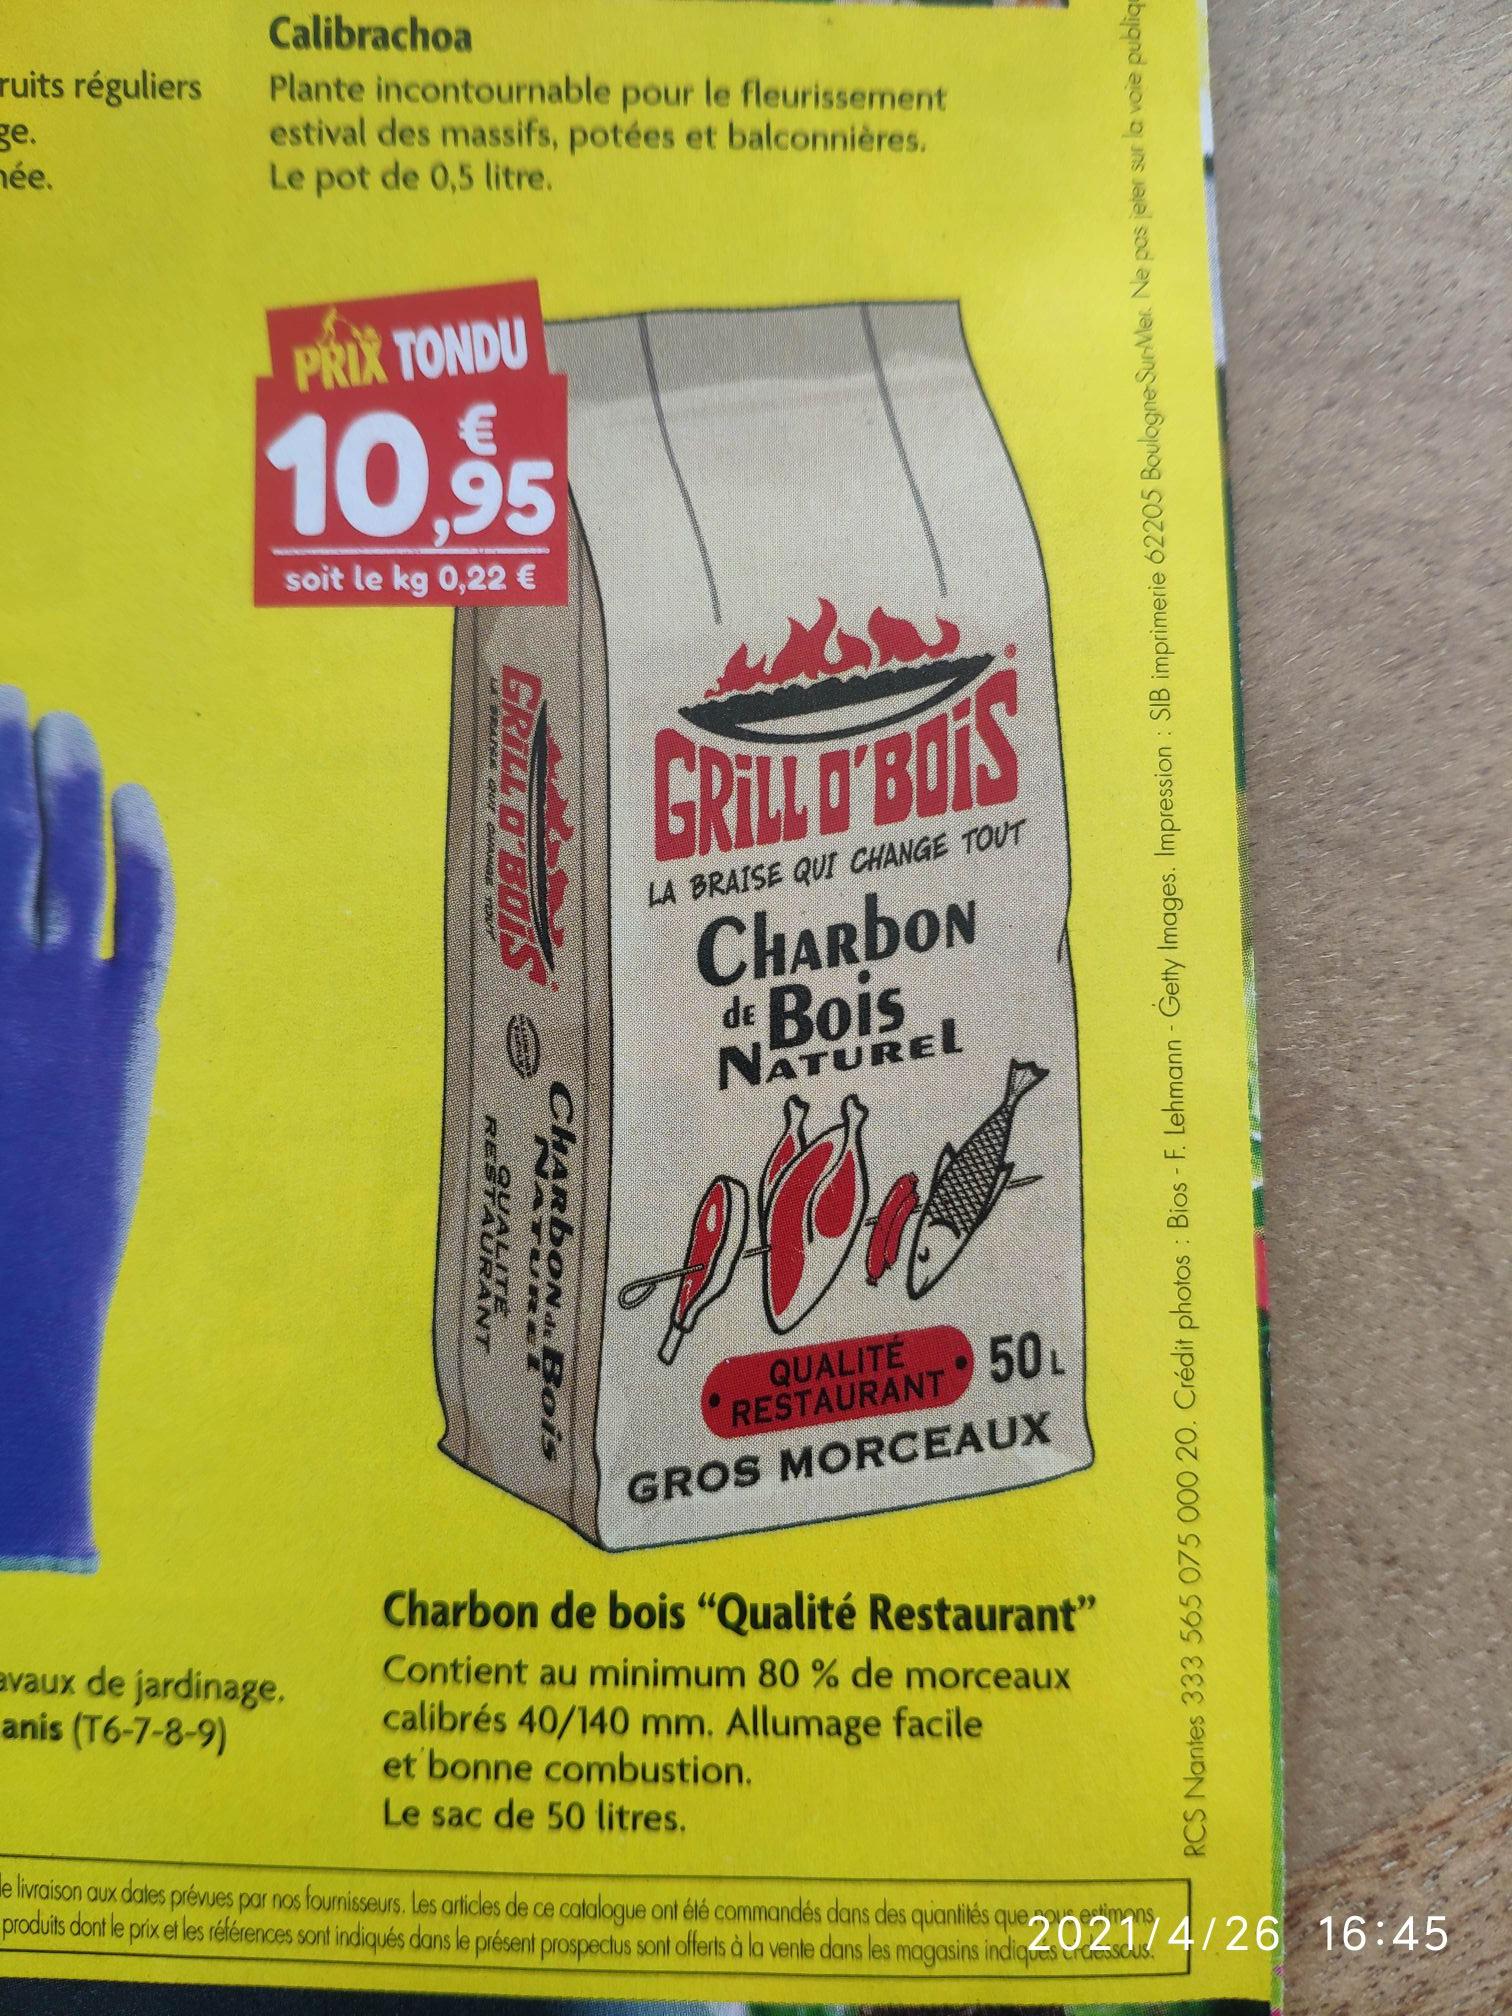 Charbon de bois Grill O' Bois Qualité Restaurant, 50L - Point Vert Bretagne